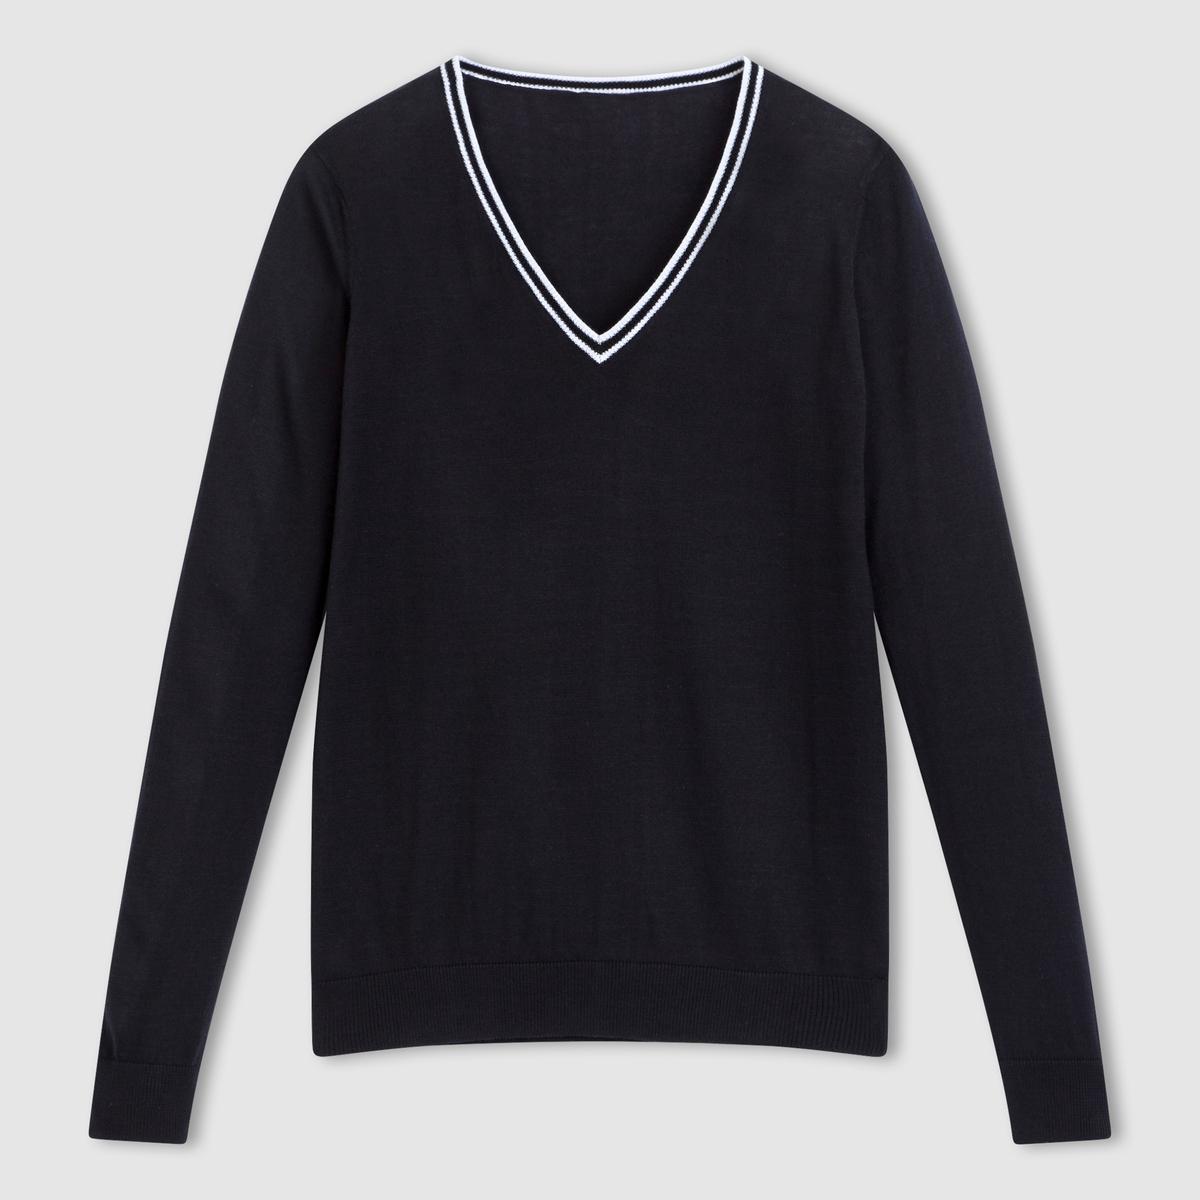 Пуловер 100% хлопка с V-образным вырезомПуловер с V-образным вырезом . 100% хлопка .Воротник с контрастным кантом .  Края выреза, манжет и низа связаны в рубчик . Длина 64 см.<br><br>Цвет: черный<br>Размер: 50/52 (FR) - 56/58 (RUS)